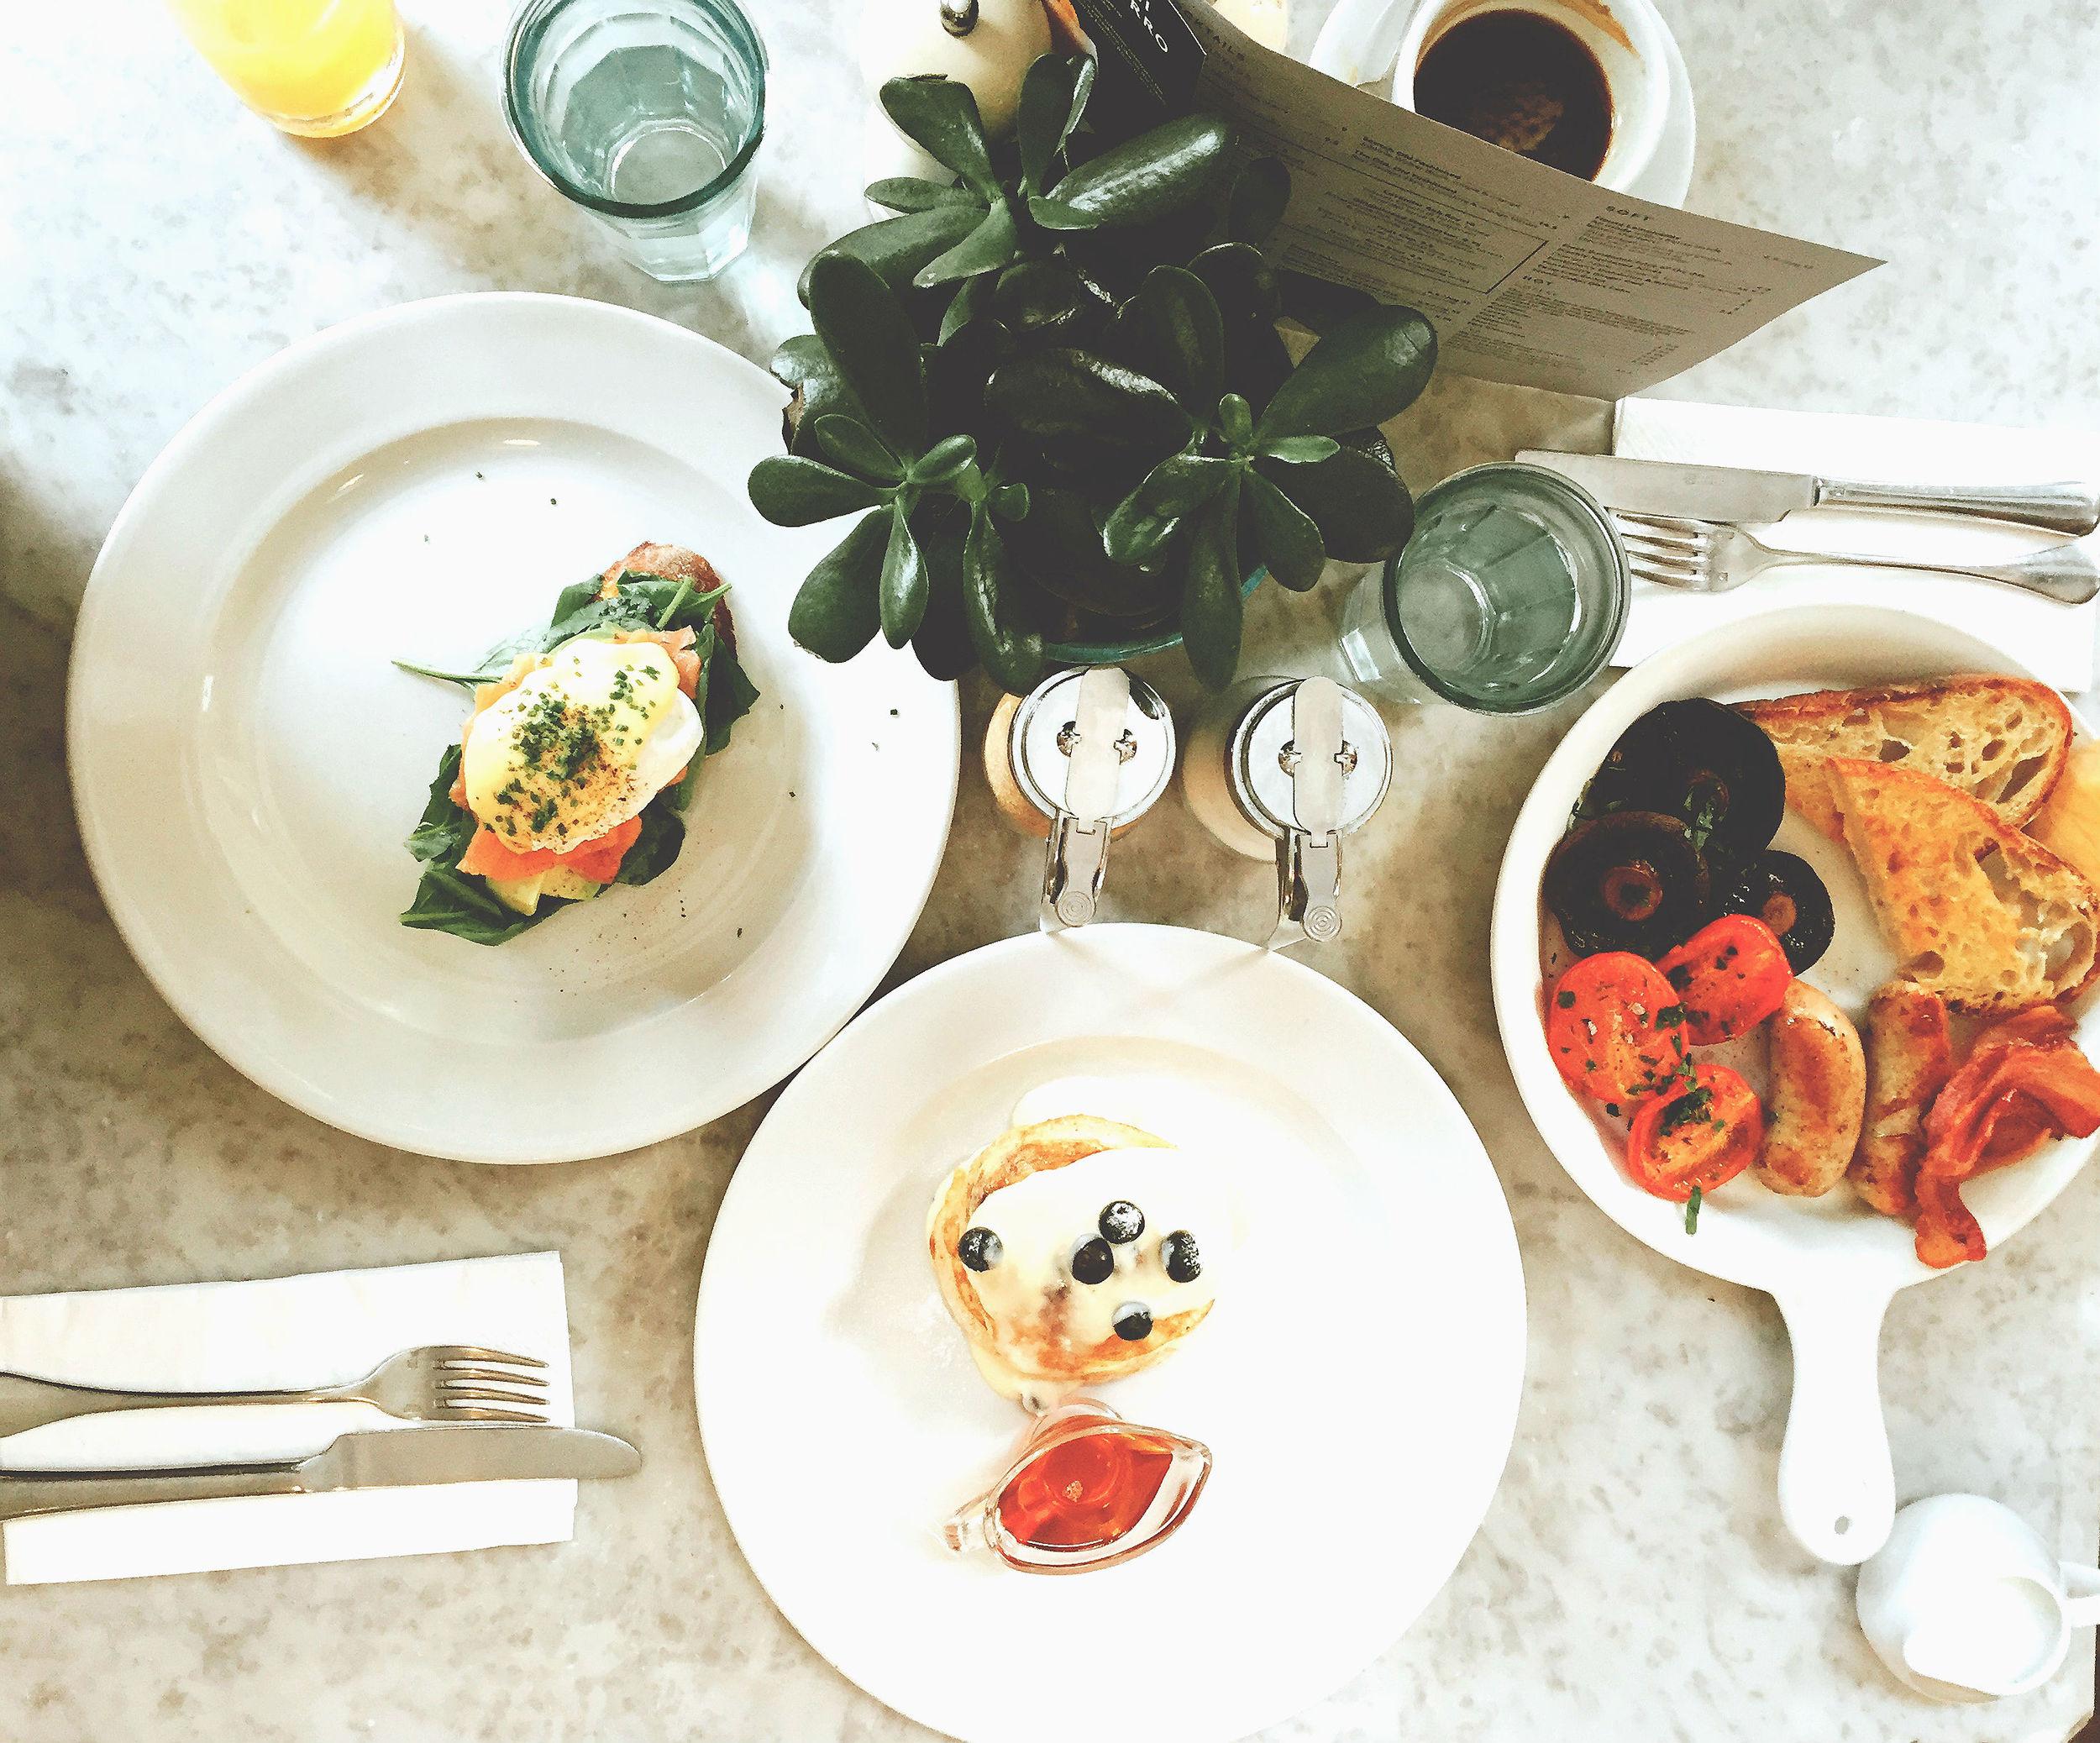 Breakfast at No.11 Pimlico Road